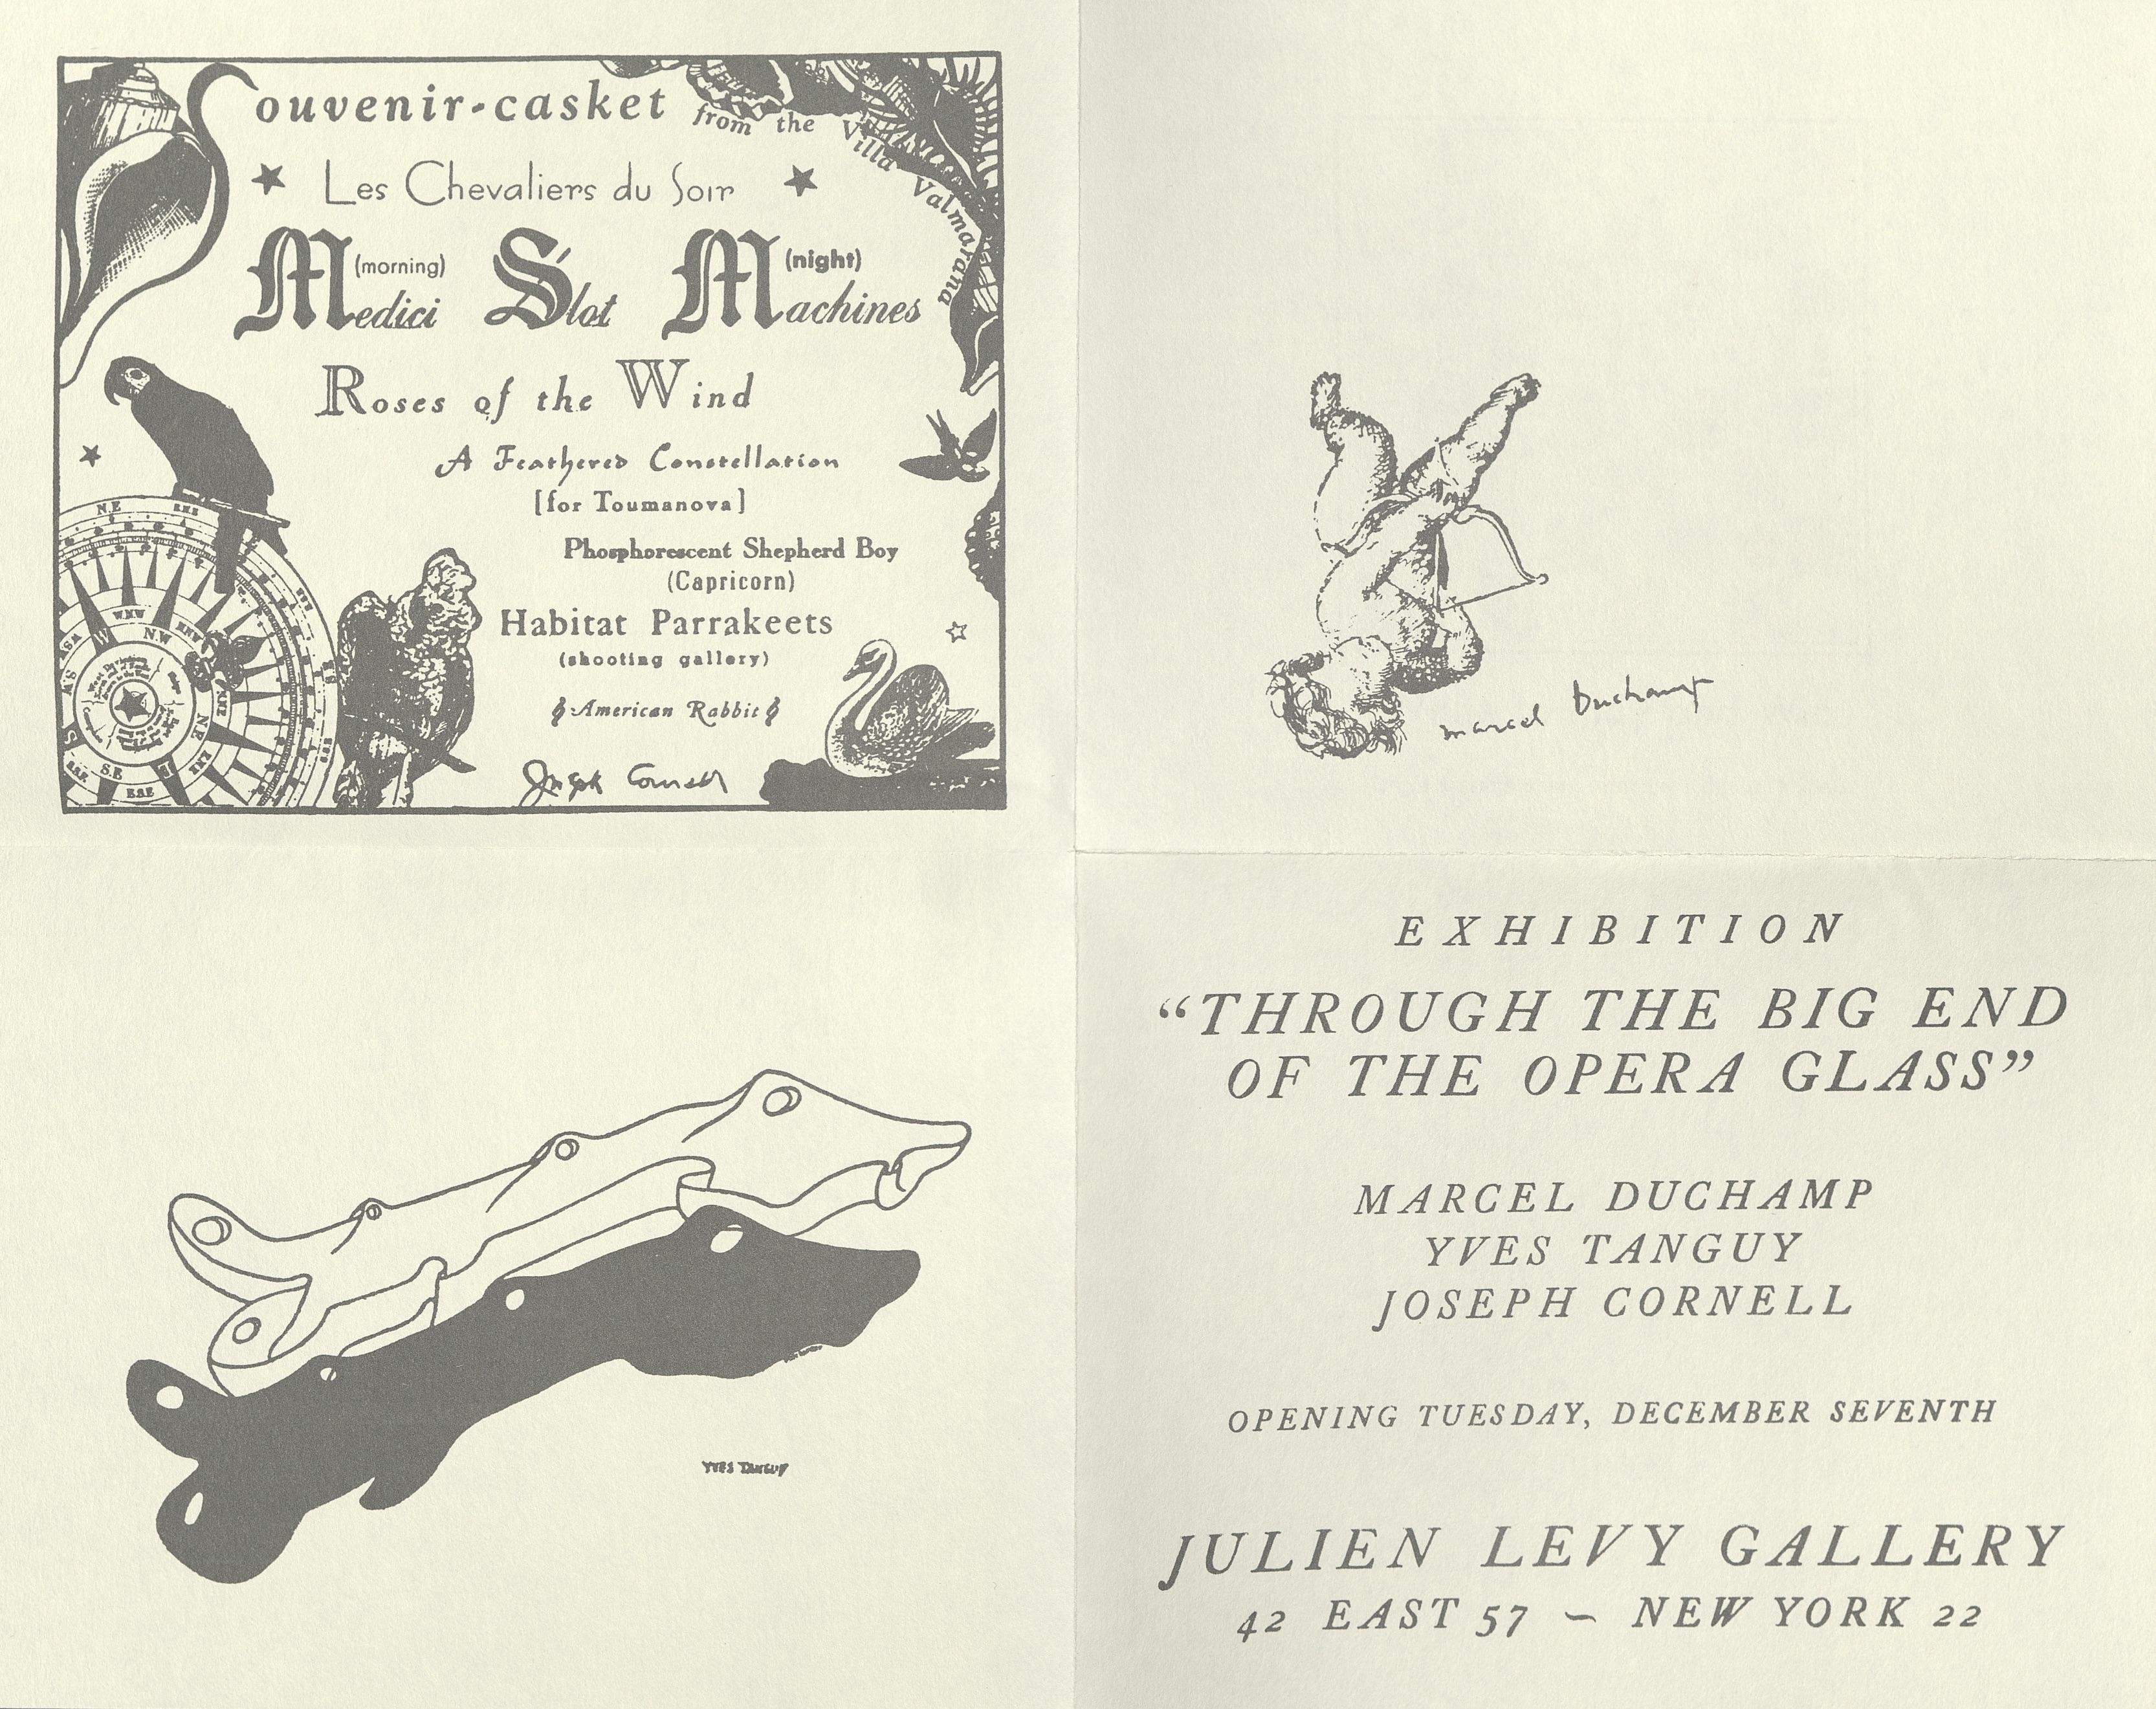 """Galerie Julien Levy, New York """"The Big End Of The Opera Glass"""", Joseph Cornell, Marcel Duchamp, Yves Tanguy, 1943; Archiv der Avantgarden, Staatliche Kunstsammlungen Dresden © VG Bild-Kunst, Bonn"""